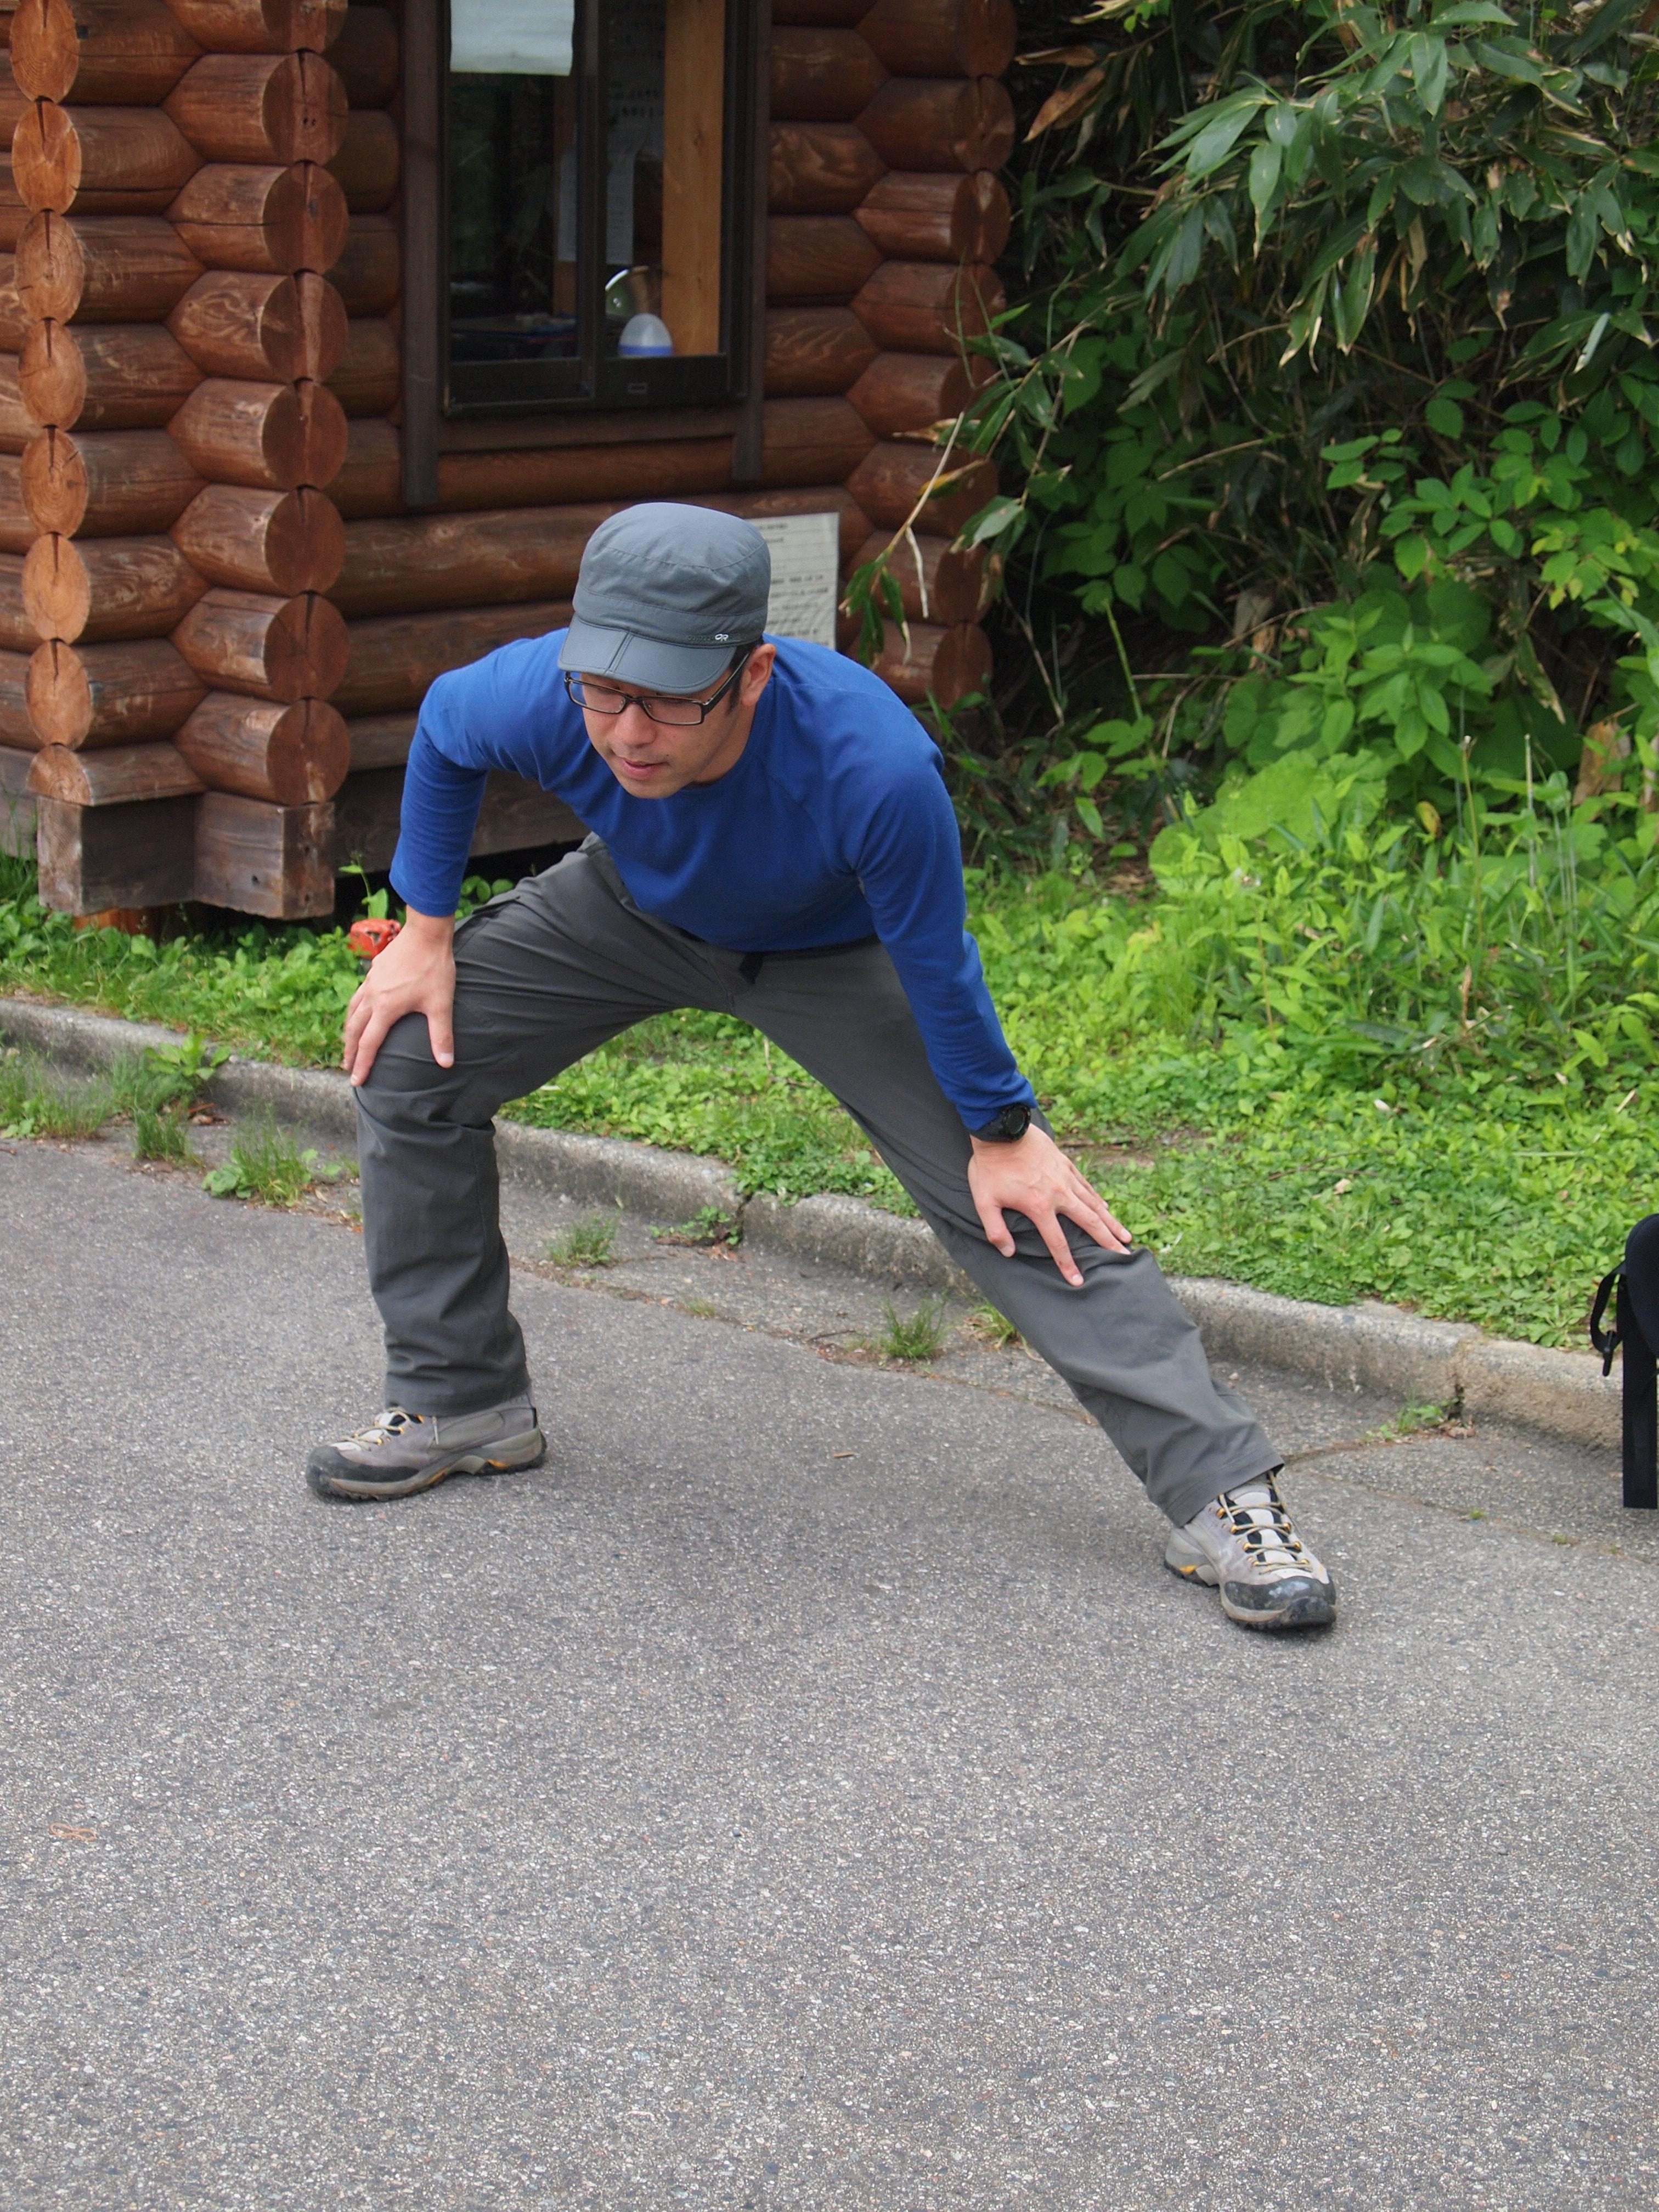 旅客登山前,除了要做好热身运动外,背包内必备运动饮料、充饥的干粮、雨衣等。